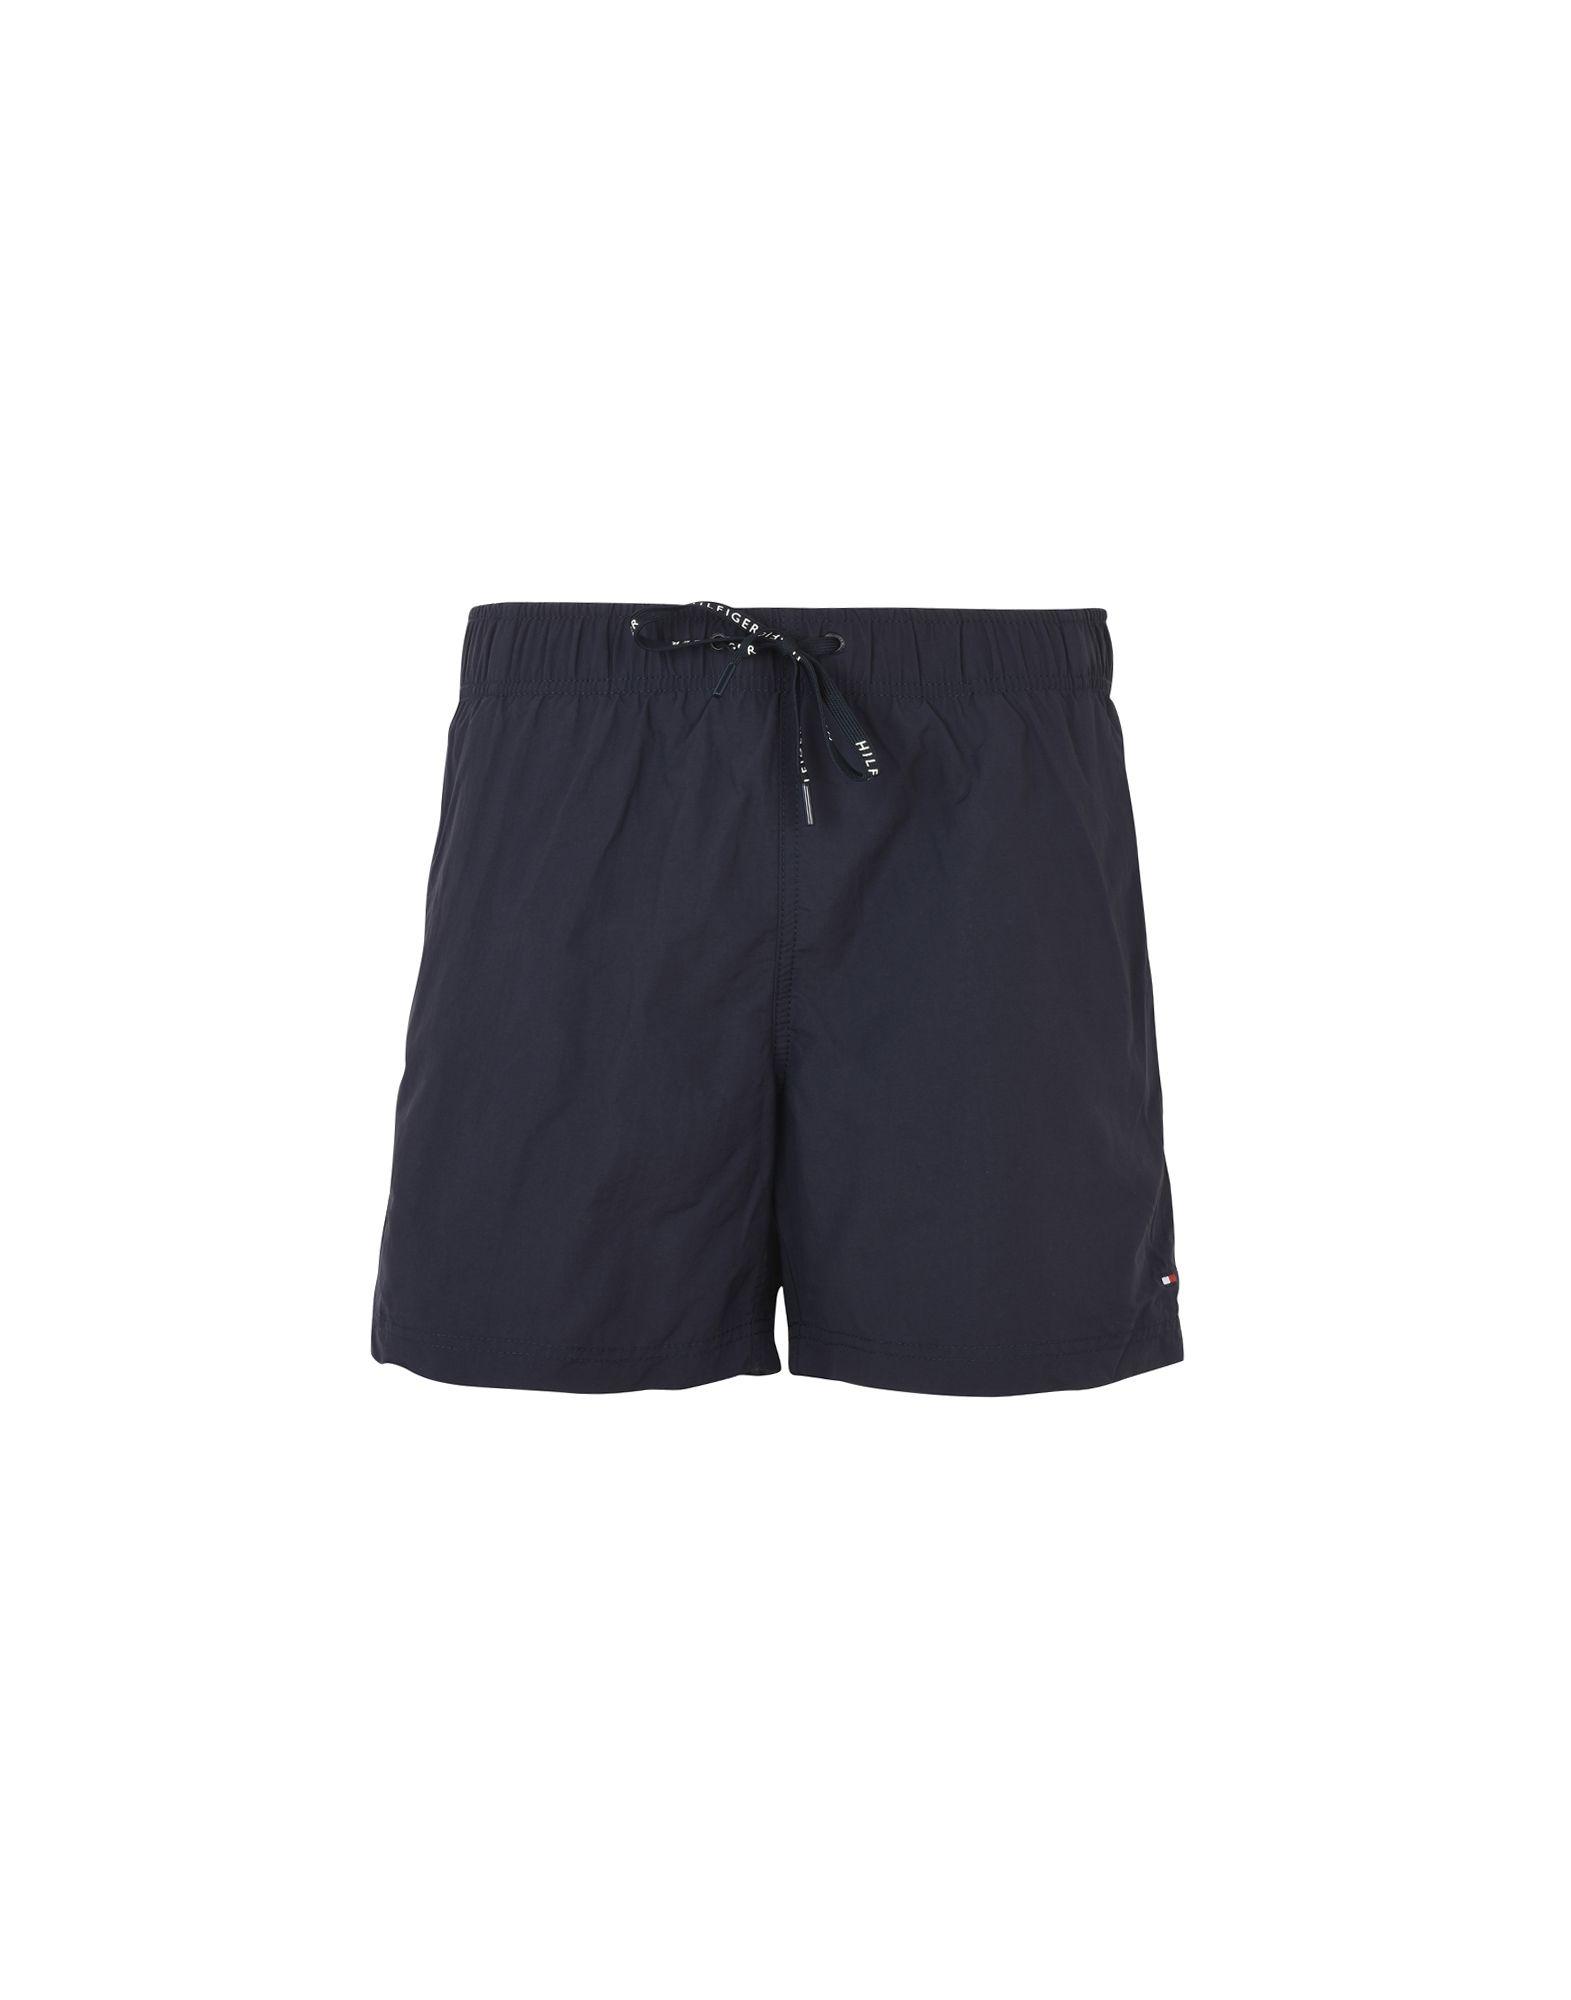 TOMMY HILFIGER Шорты для плавания шорты для плавания tommy hilfiger шорты для плавания